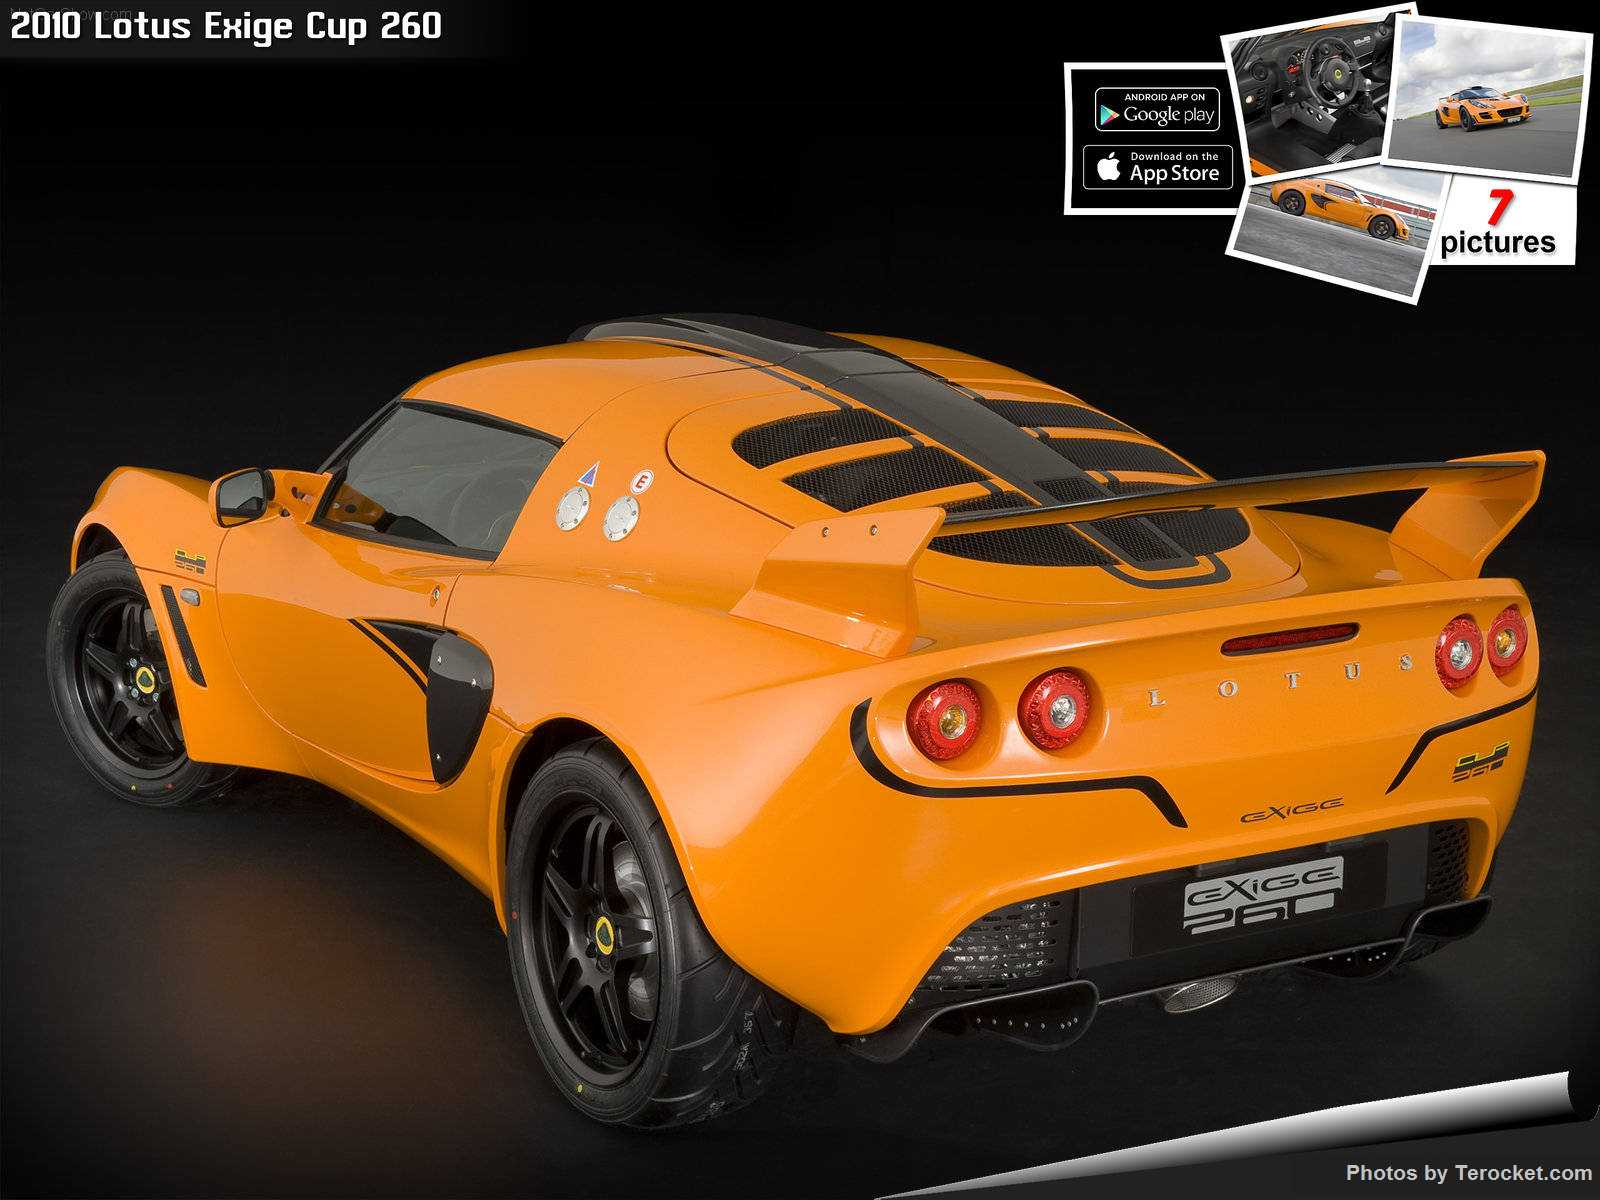 Hình ảnh siêu xe Lotus Exige Cup 260 2010 & nội ngoại thất